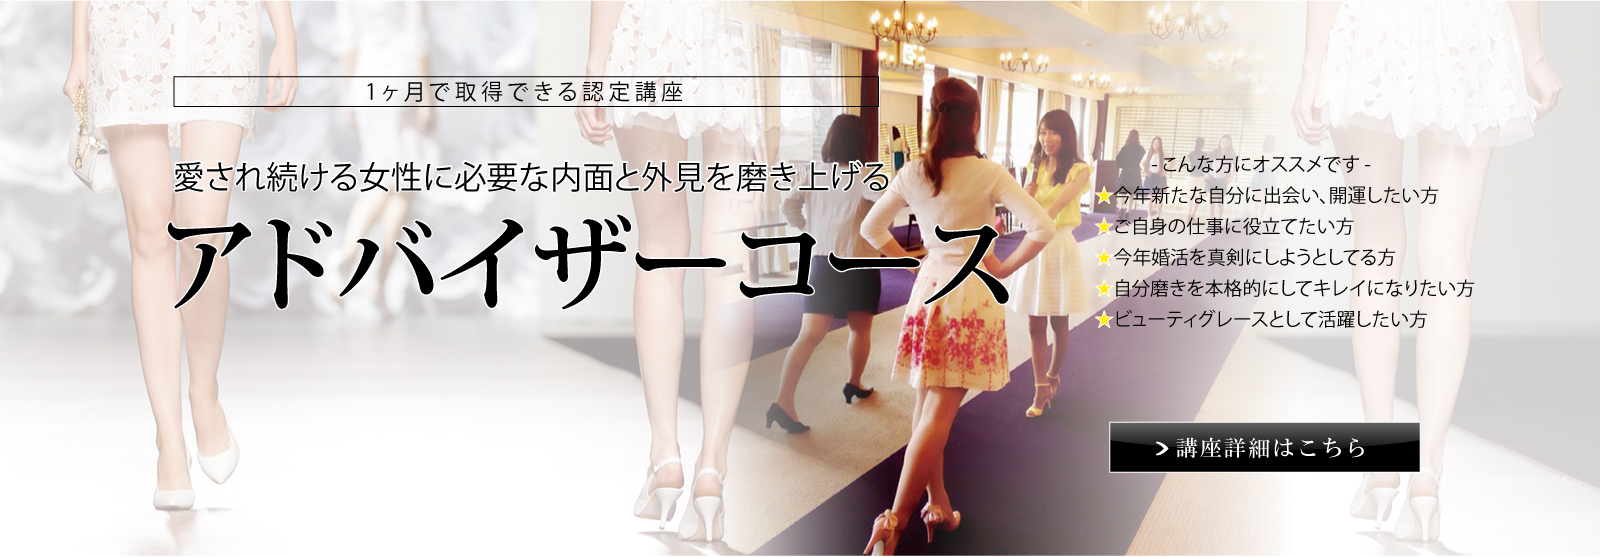 【随時・対面・オンライン】開運セルフマネージメント講座/講師 吉原亜美